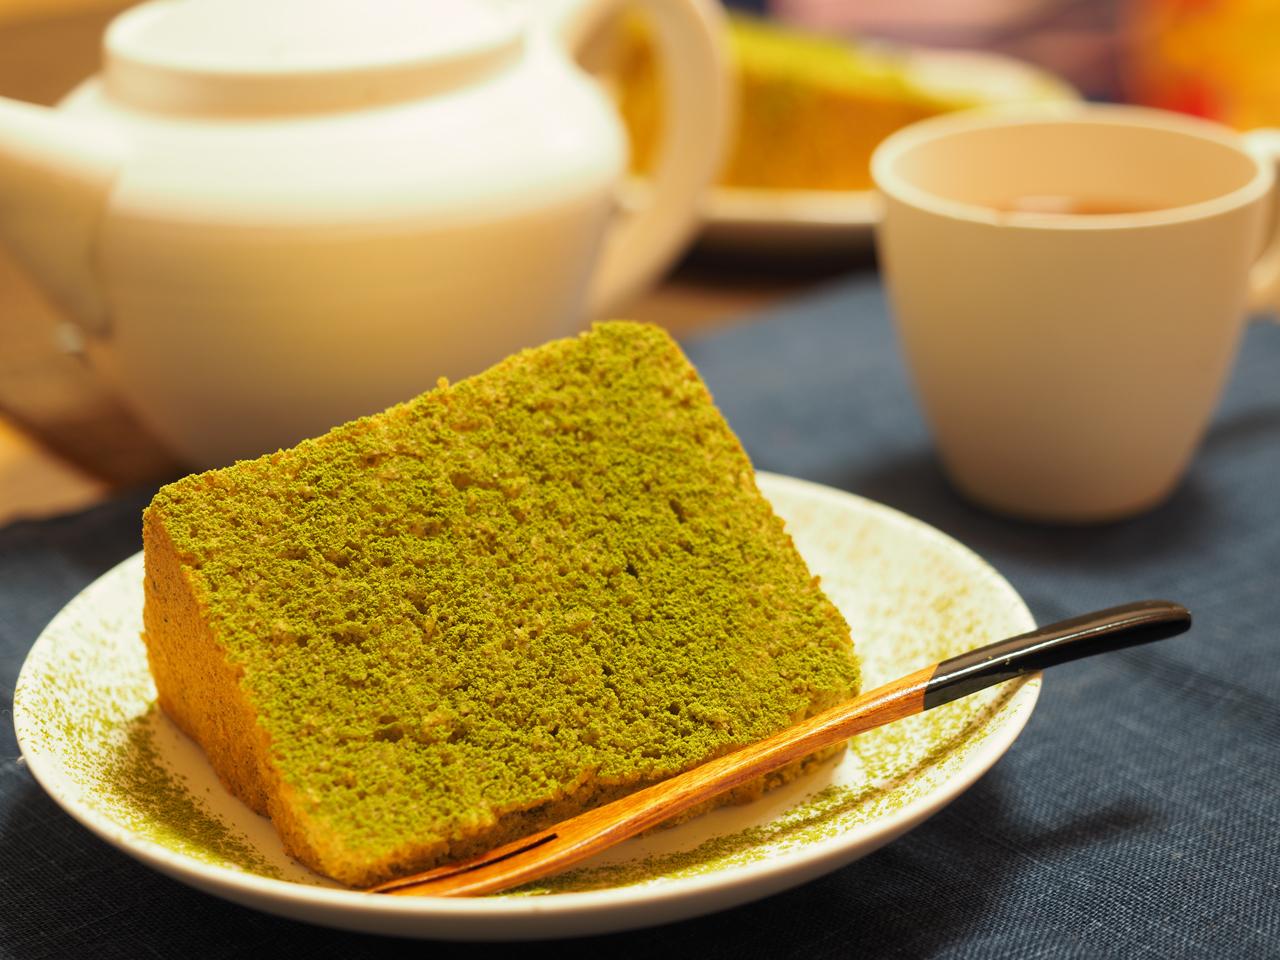 【スタッフ日記】プロによる、おぶぶの煎茶パウダーを使ったシフォンケーキでティータイム